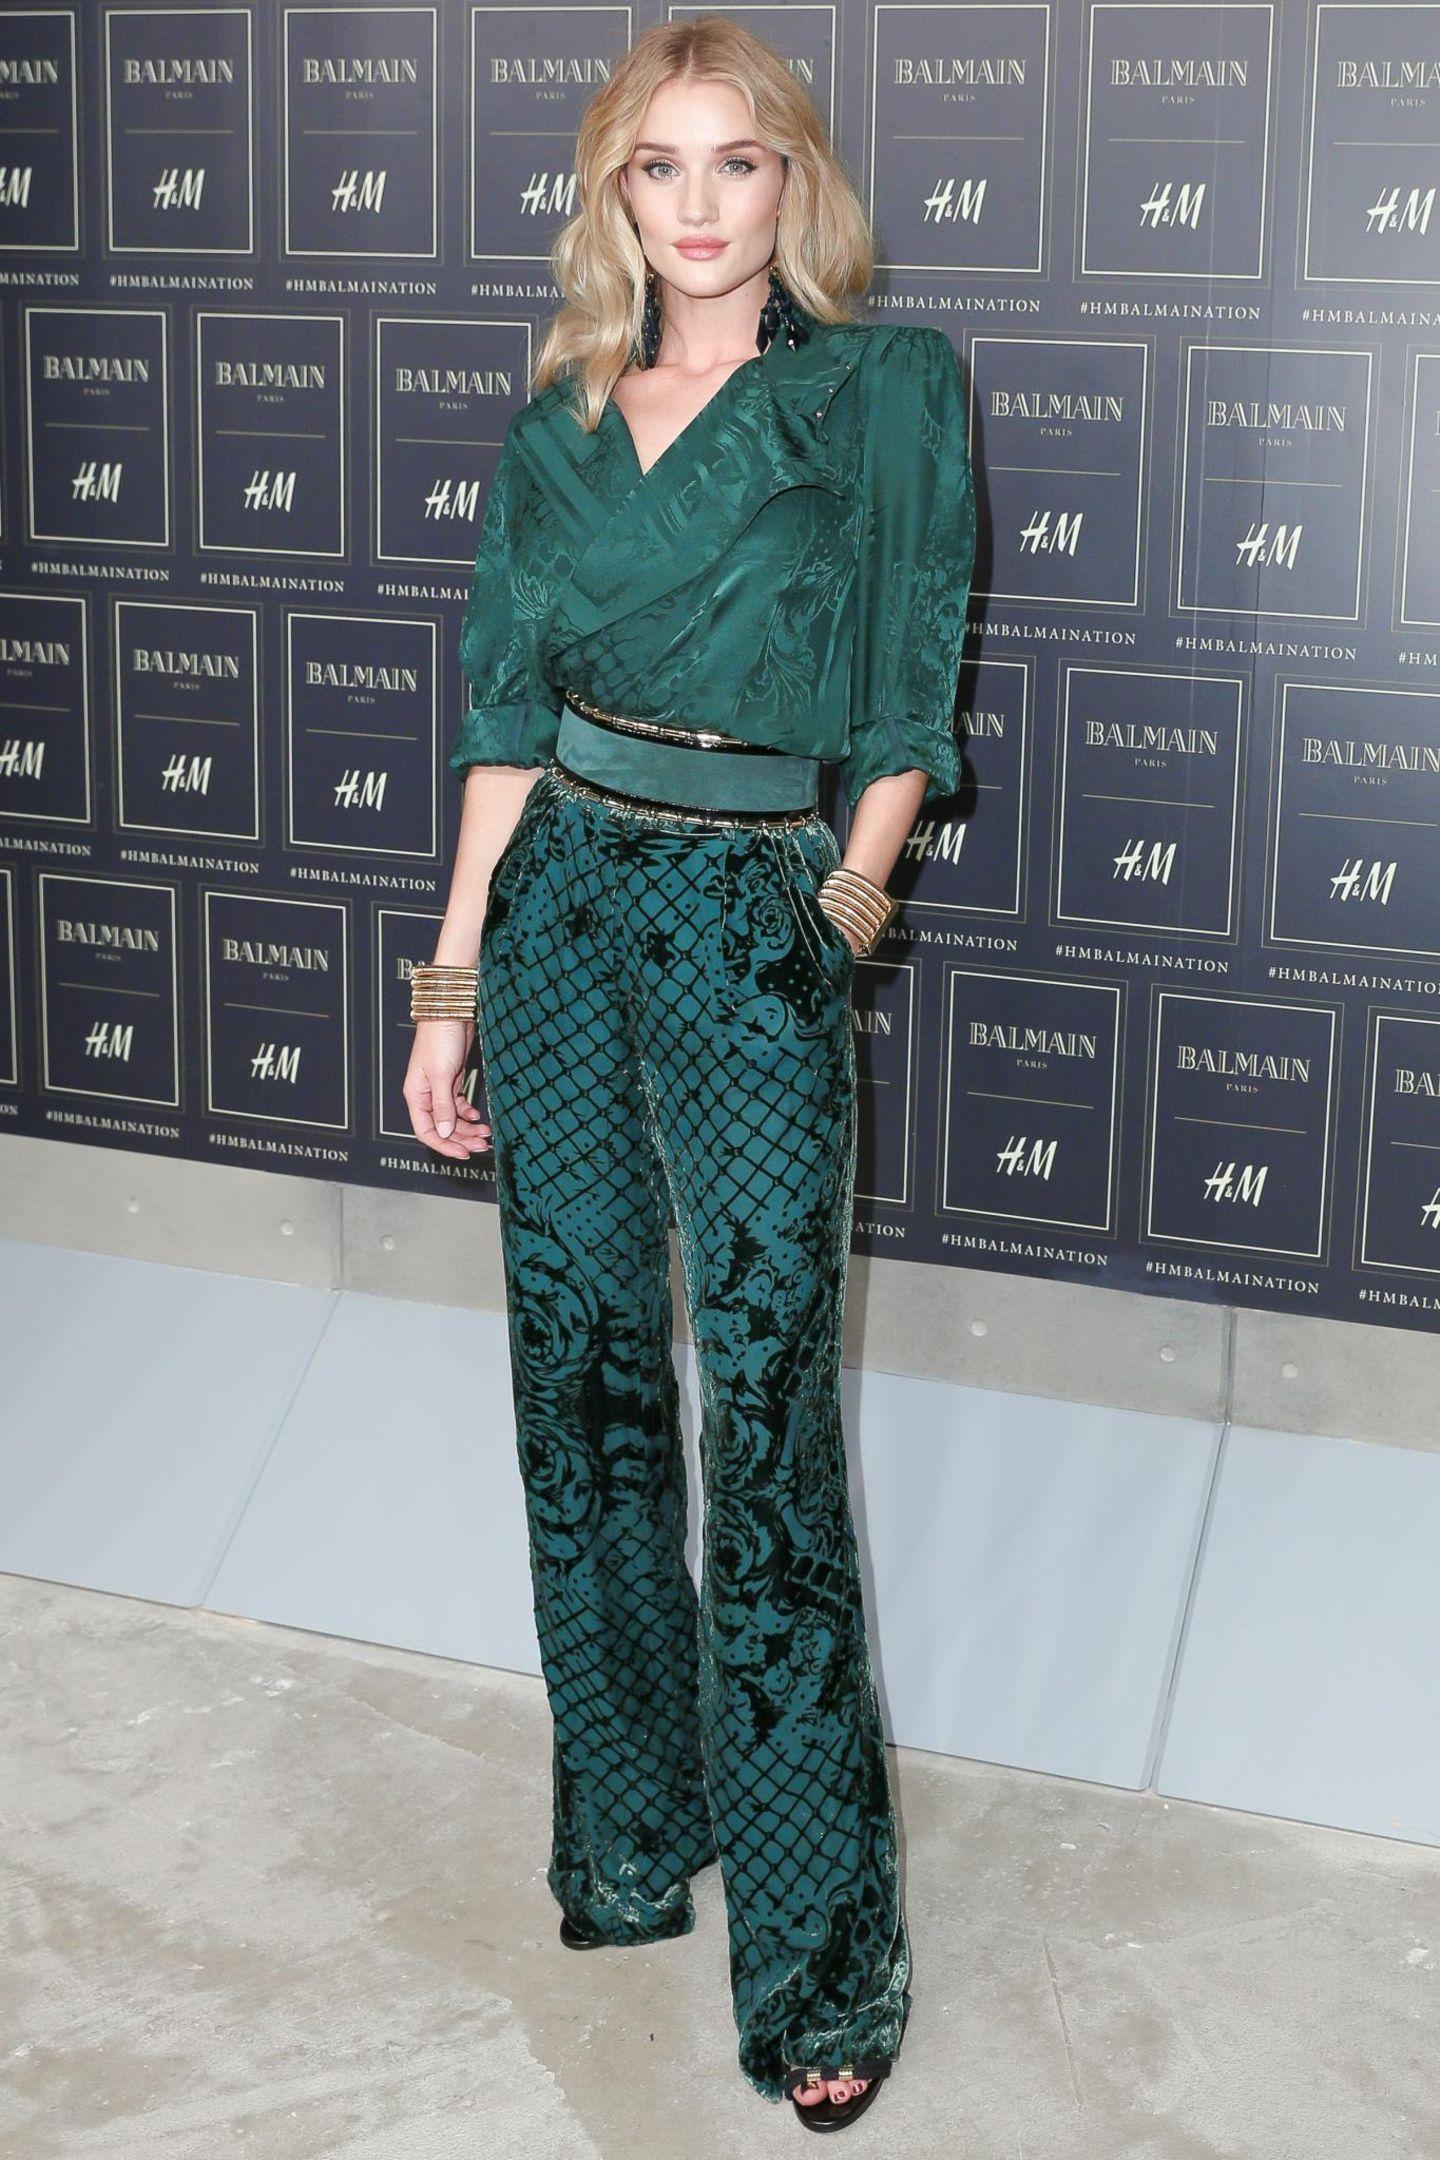 XL-Schulterpolster: Rosie Huntington-Whiteley trägt Balmain für H&M.